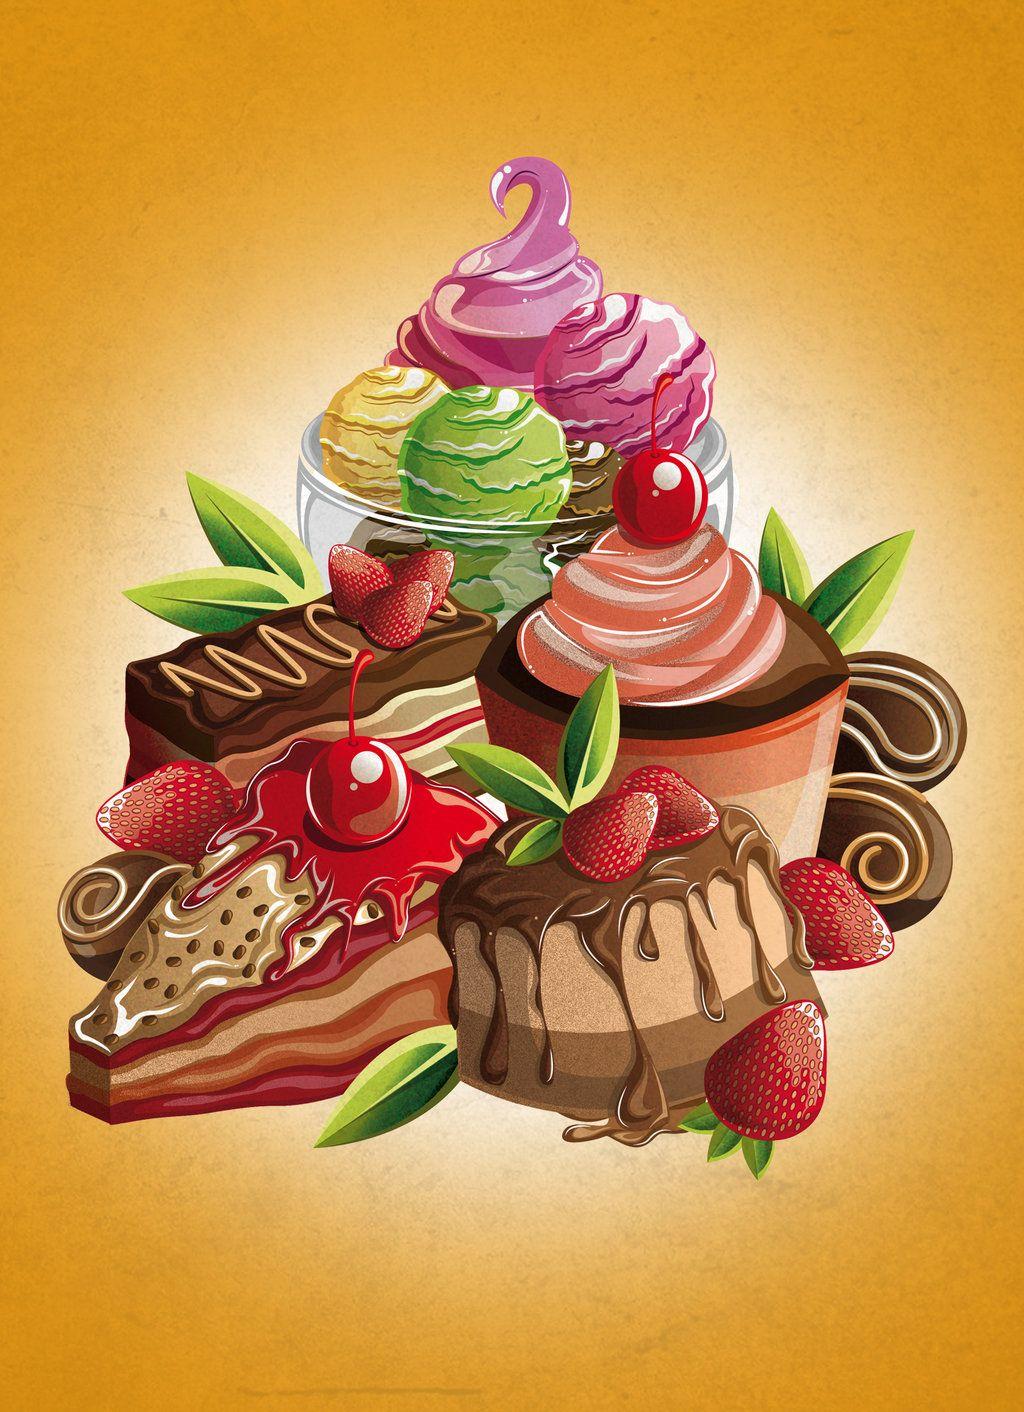 Картинки пирожных и тортов нарисованных